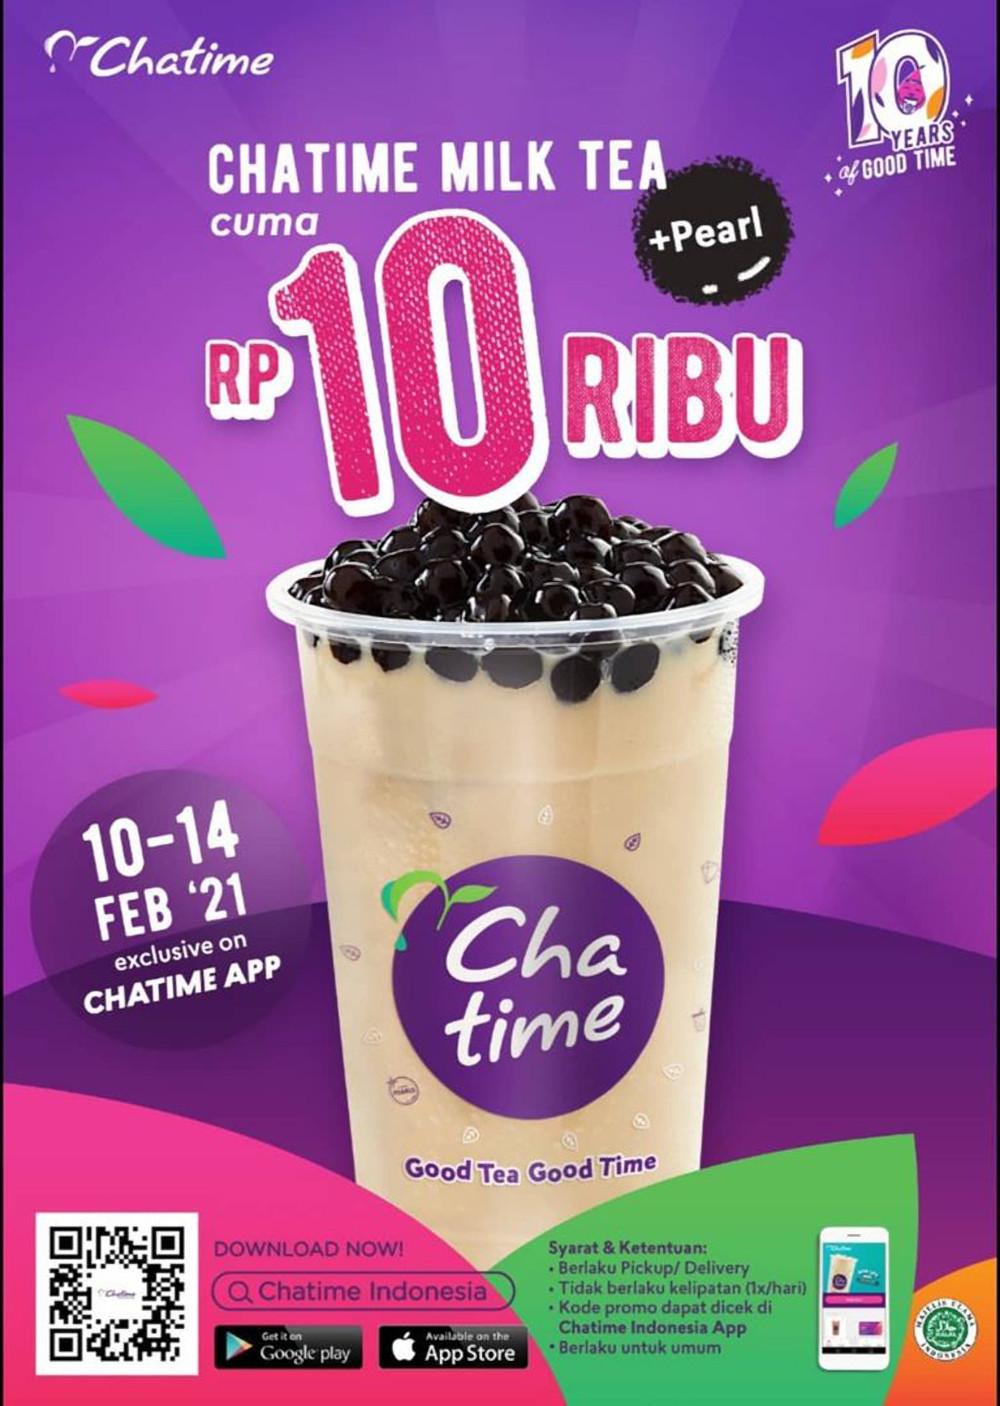 Promo Chatime Harga Spesial Chatime Milk Tea + Pearl Cuma Rp 10ribu khusus pemesanan via Aplikasi Chatime*